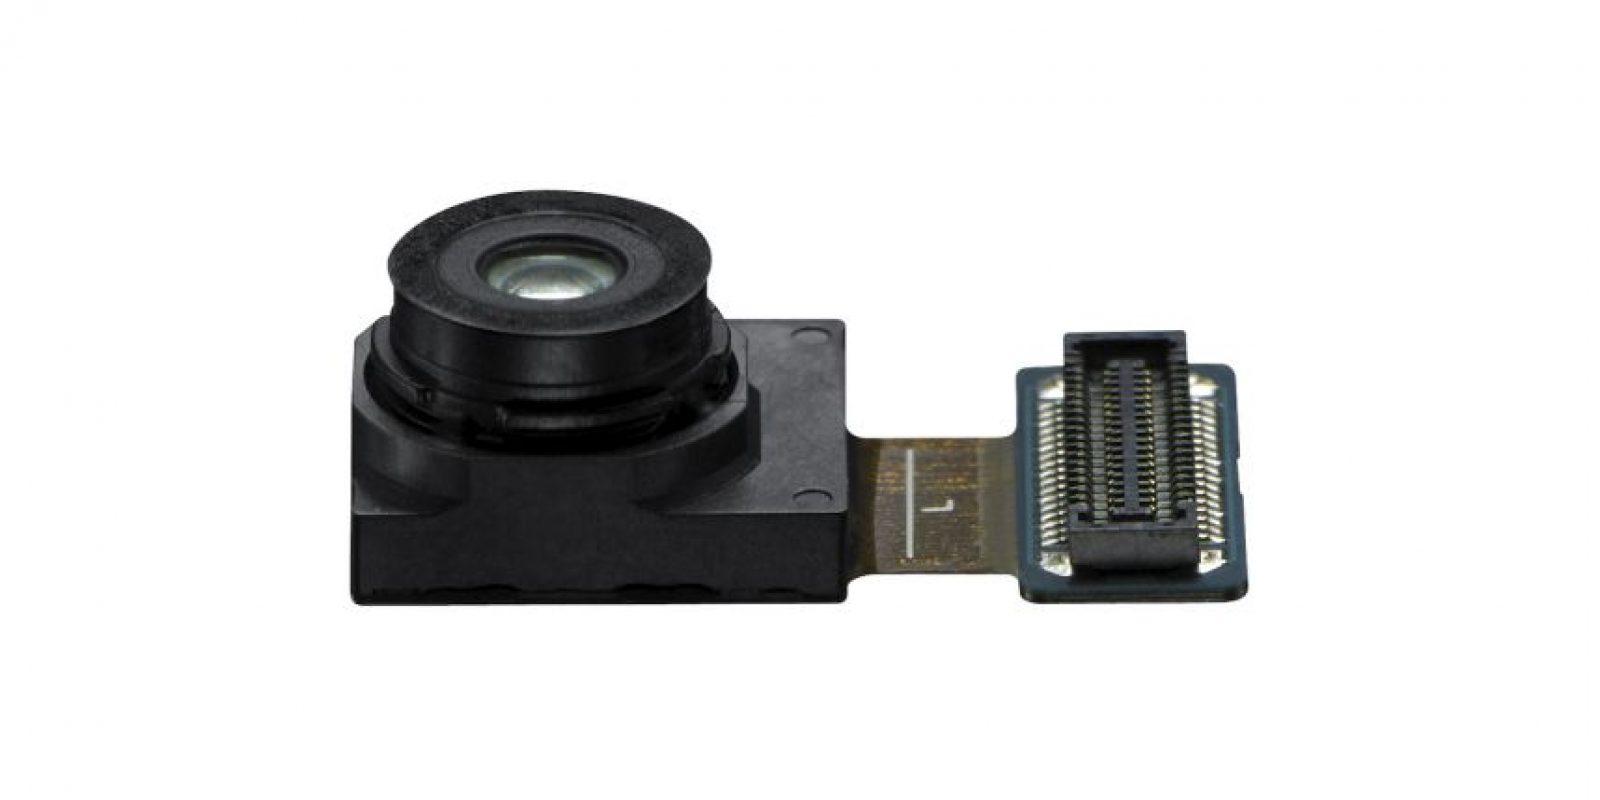 Así se ve la cámara del smartphone. Foto:Samsung